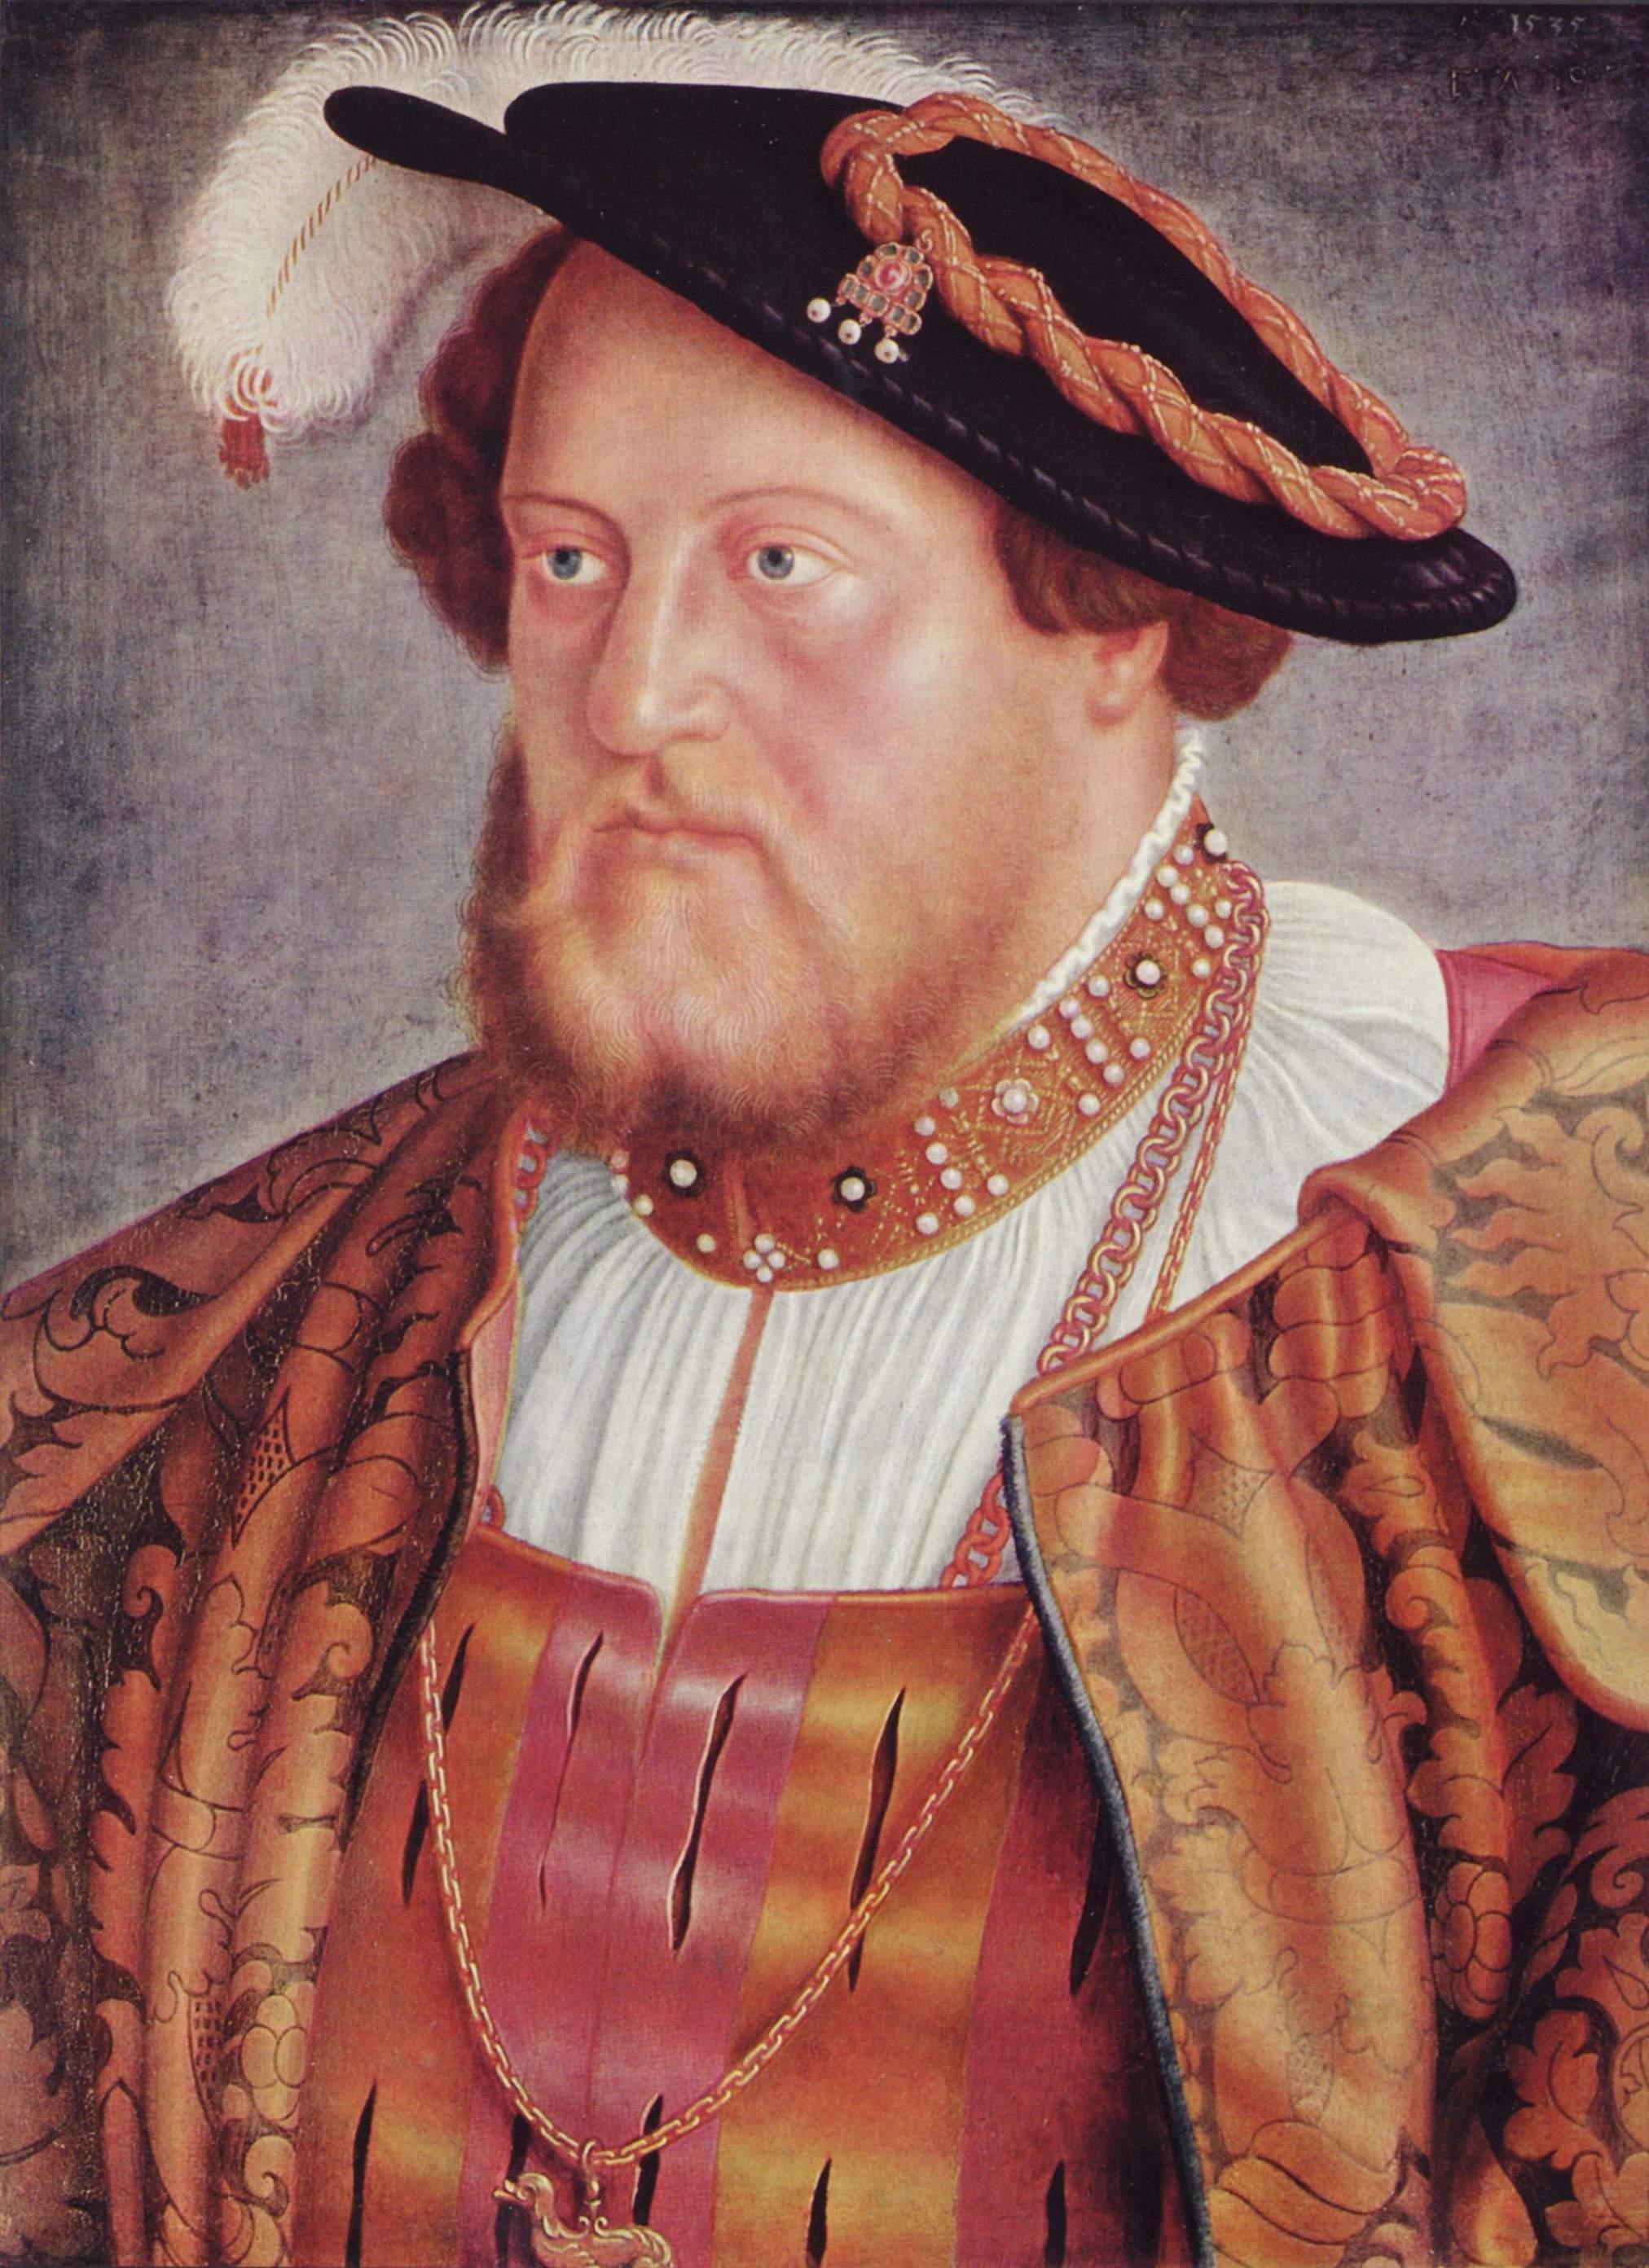 Pfalzgraf Ottheinrich, Barthel Beham, 1535